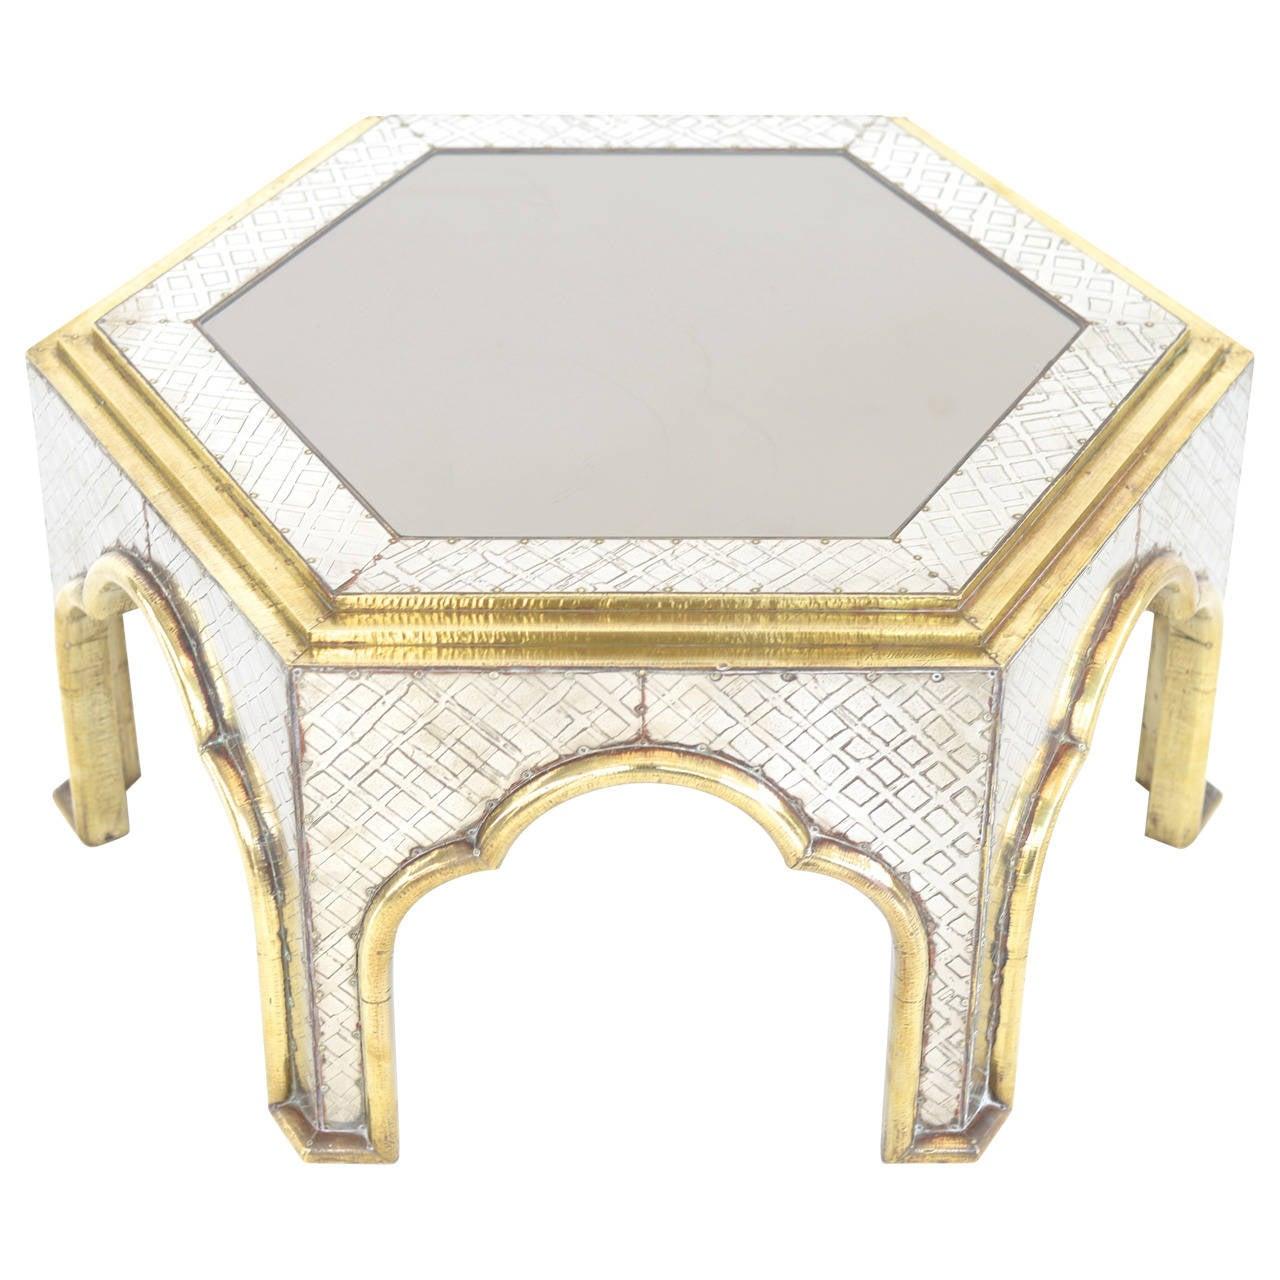 Hexagonal Table by Rodolfo Dubarry